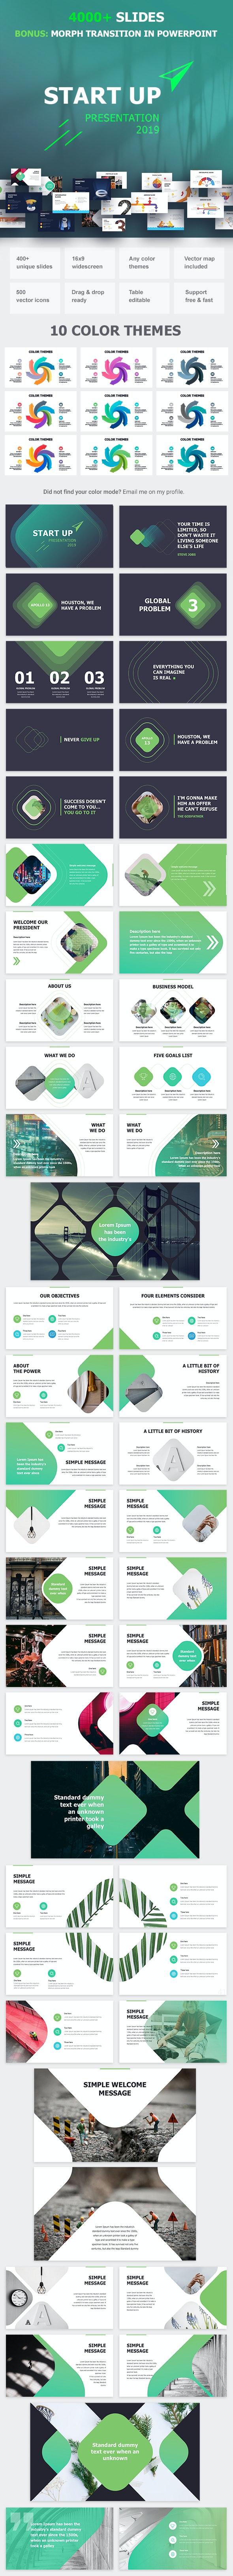 Start Up Google Slides - Google Slides Presentation Templates